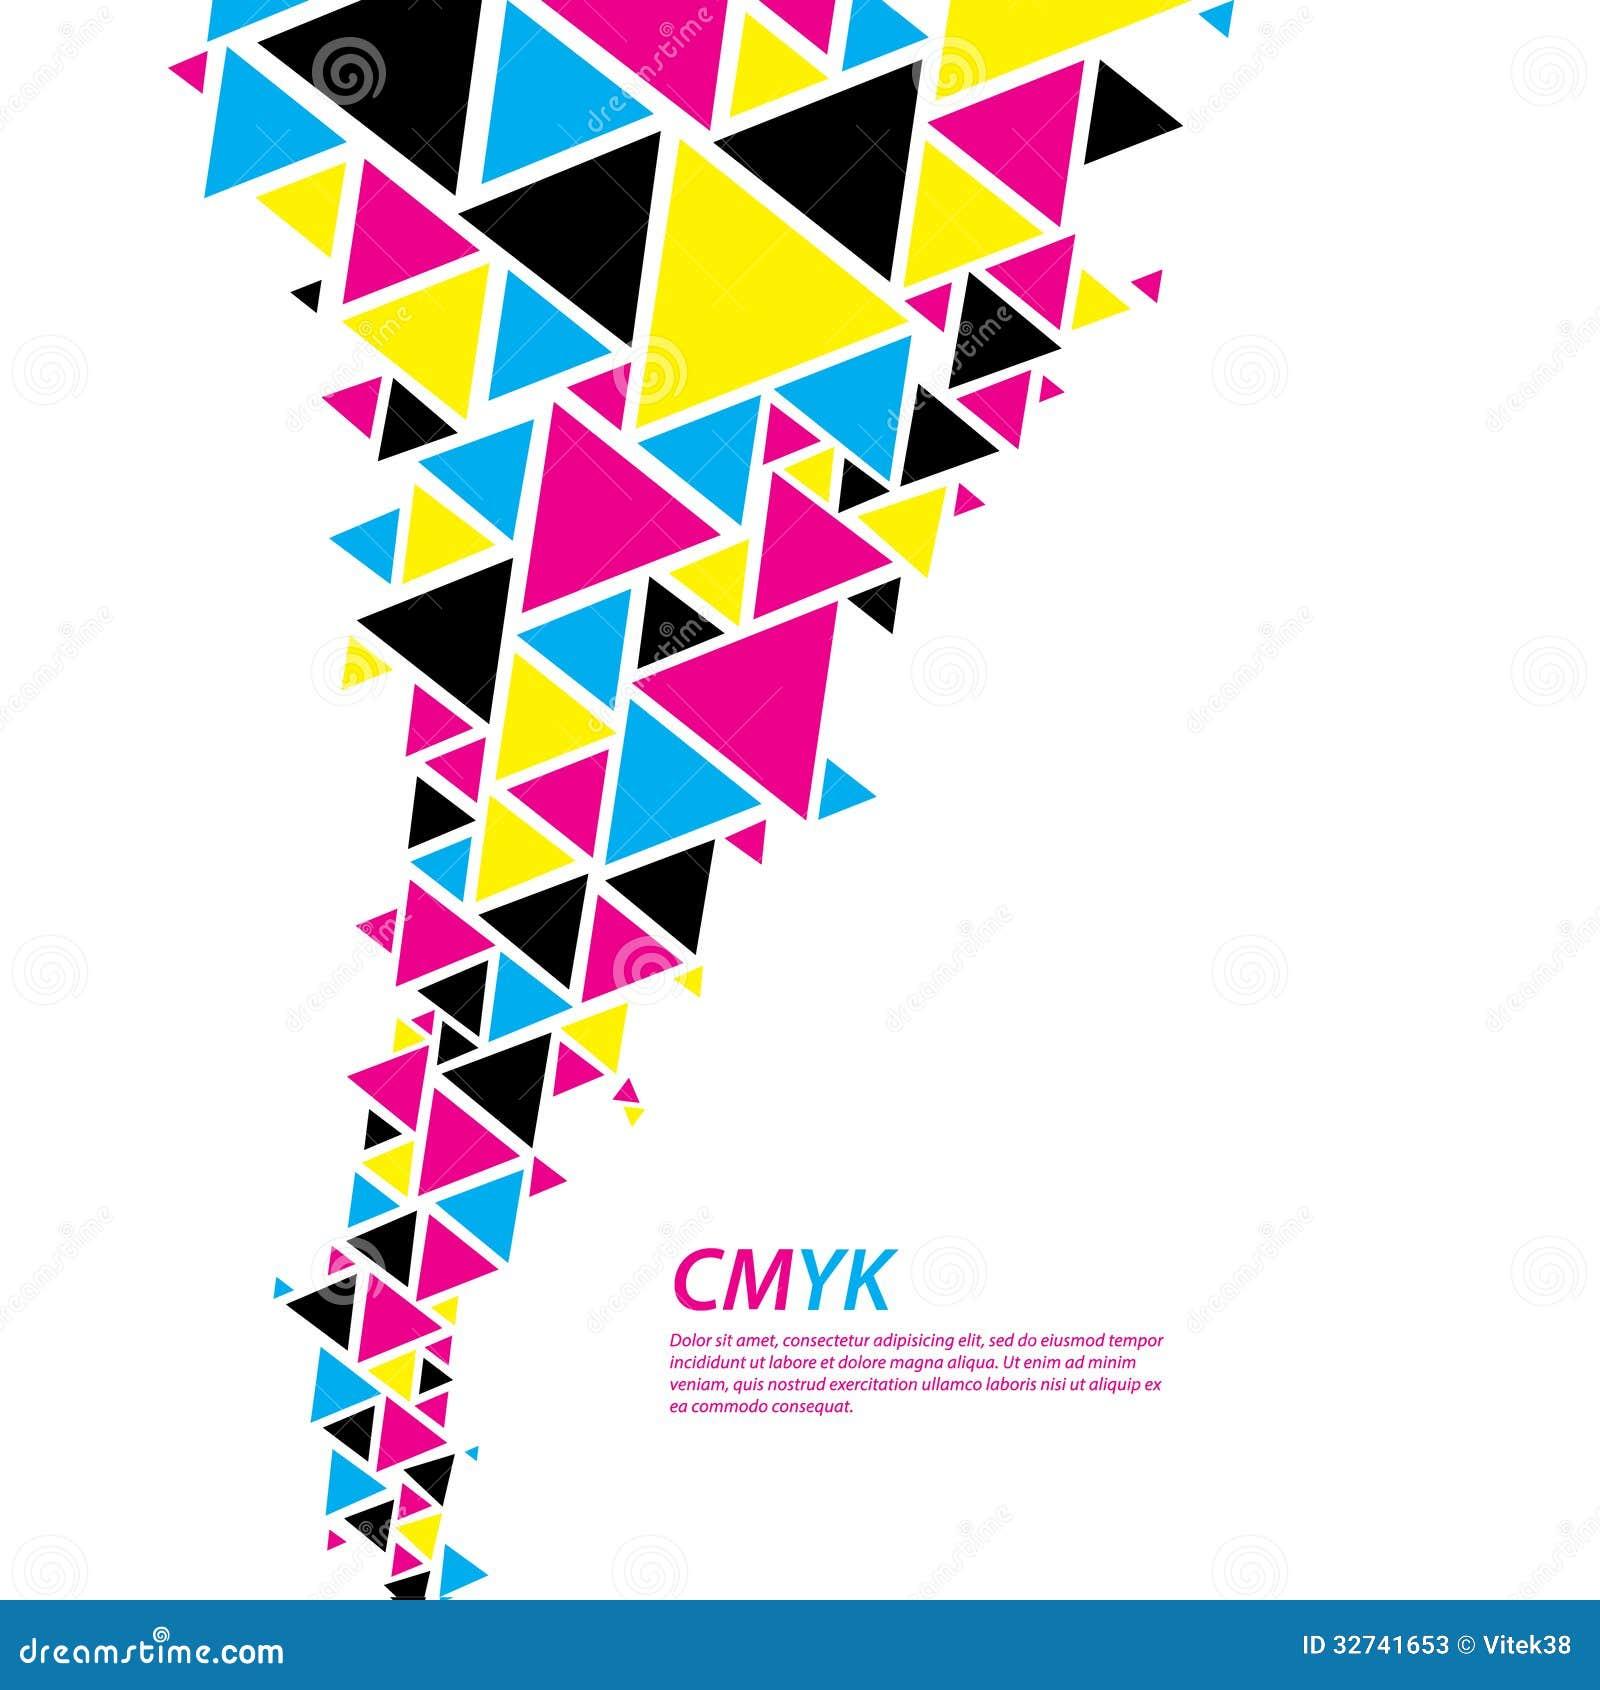 Perfil da cor de CMYK. Fluxo abstrato do triângulo - tornado no colo do cmyk